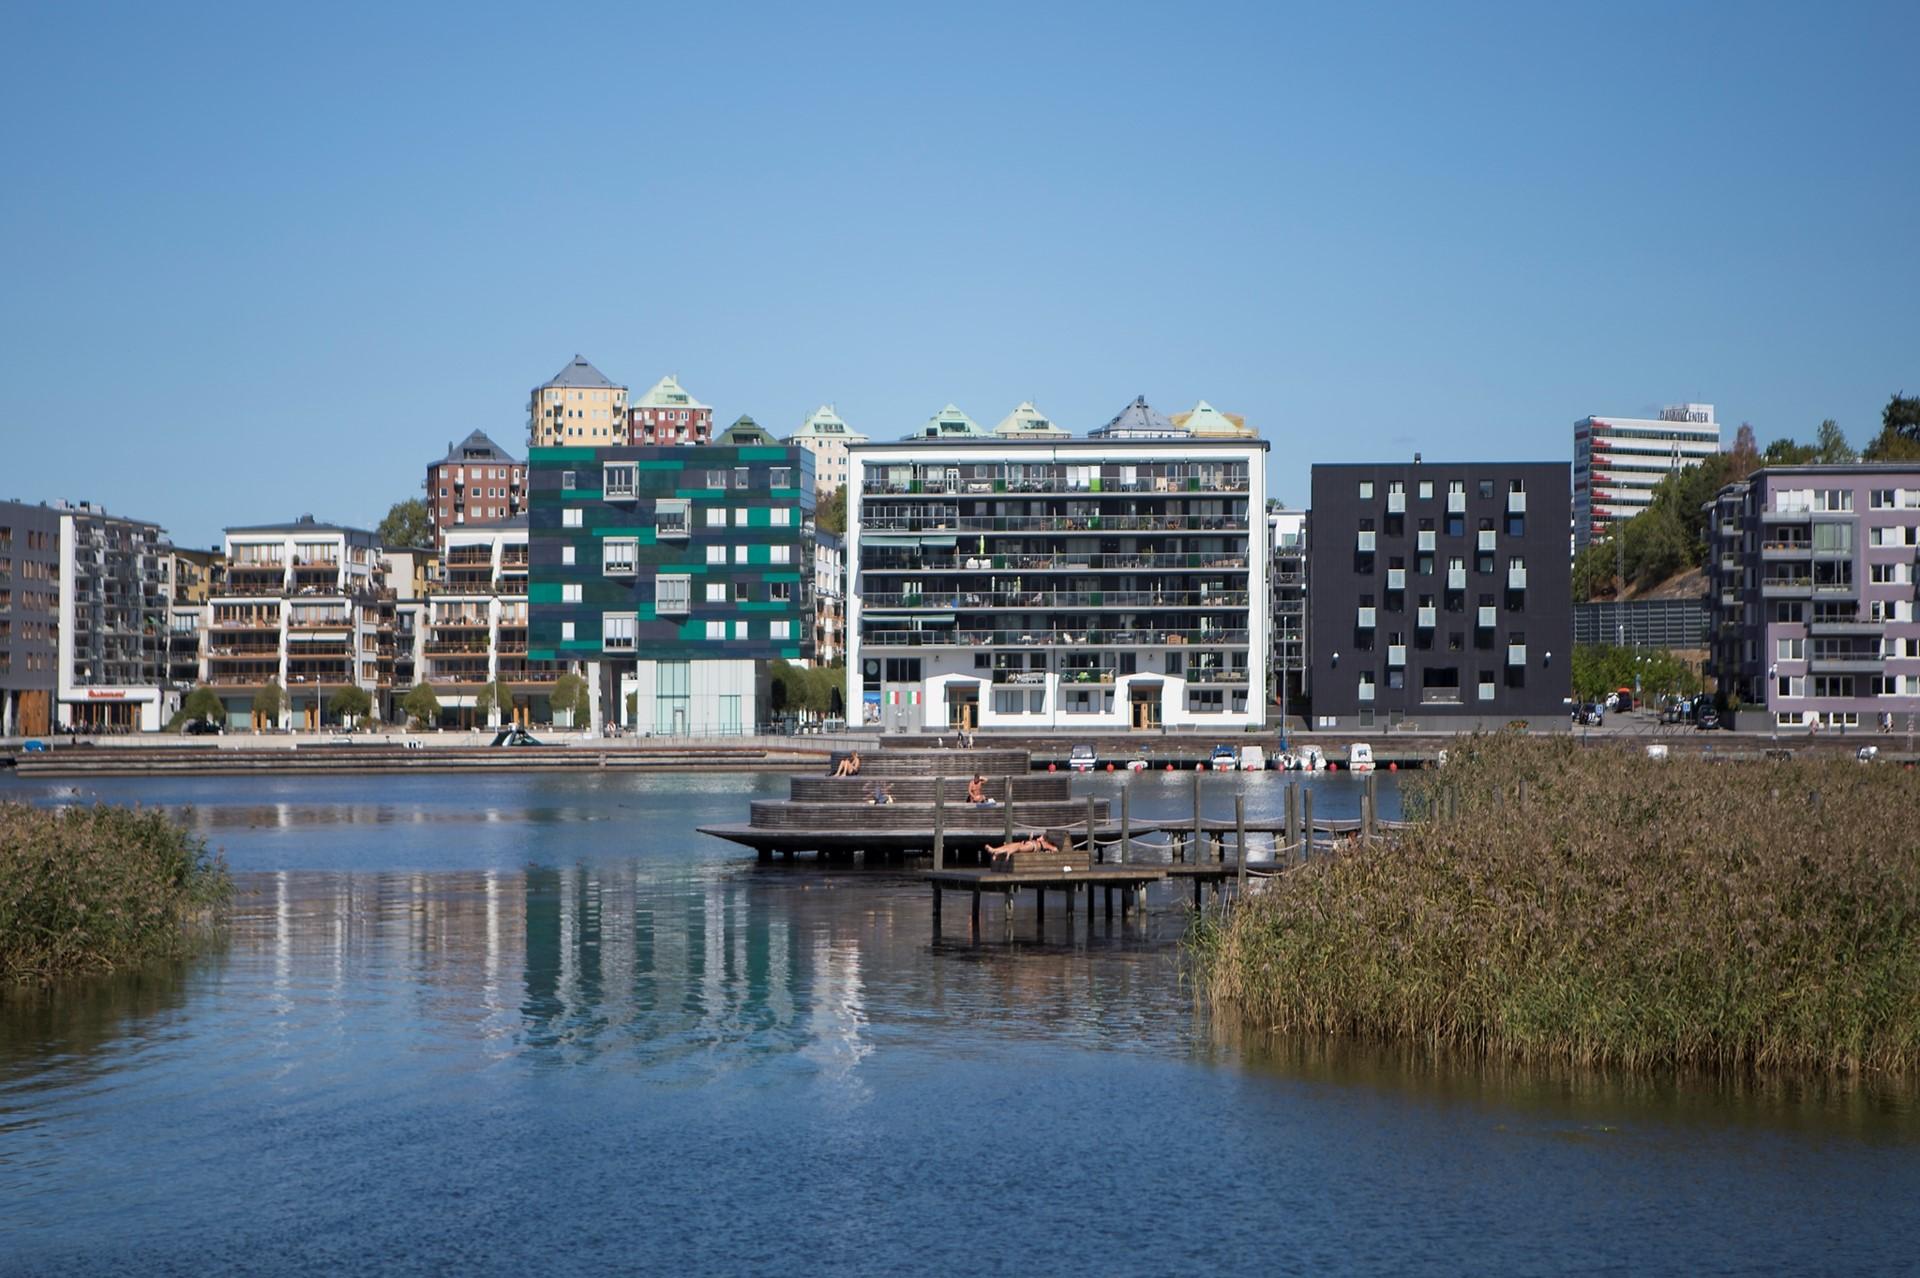 Korphoppsgatan 25, 2 tr Gårdshus! - Hammarby Sjö och populära